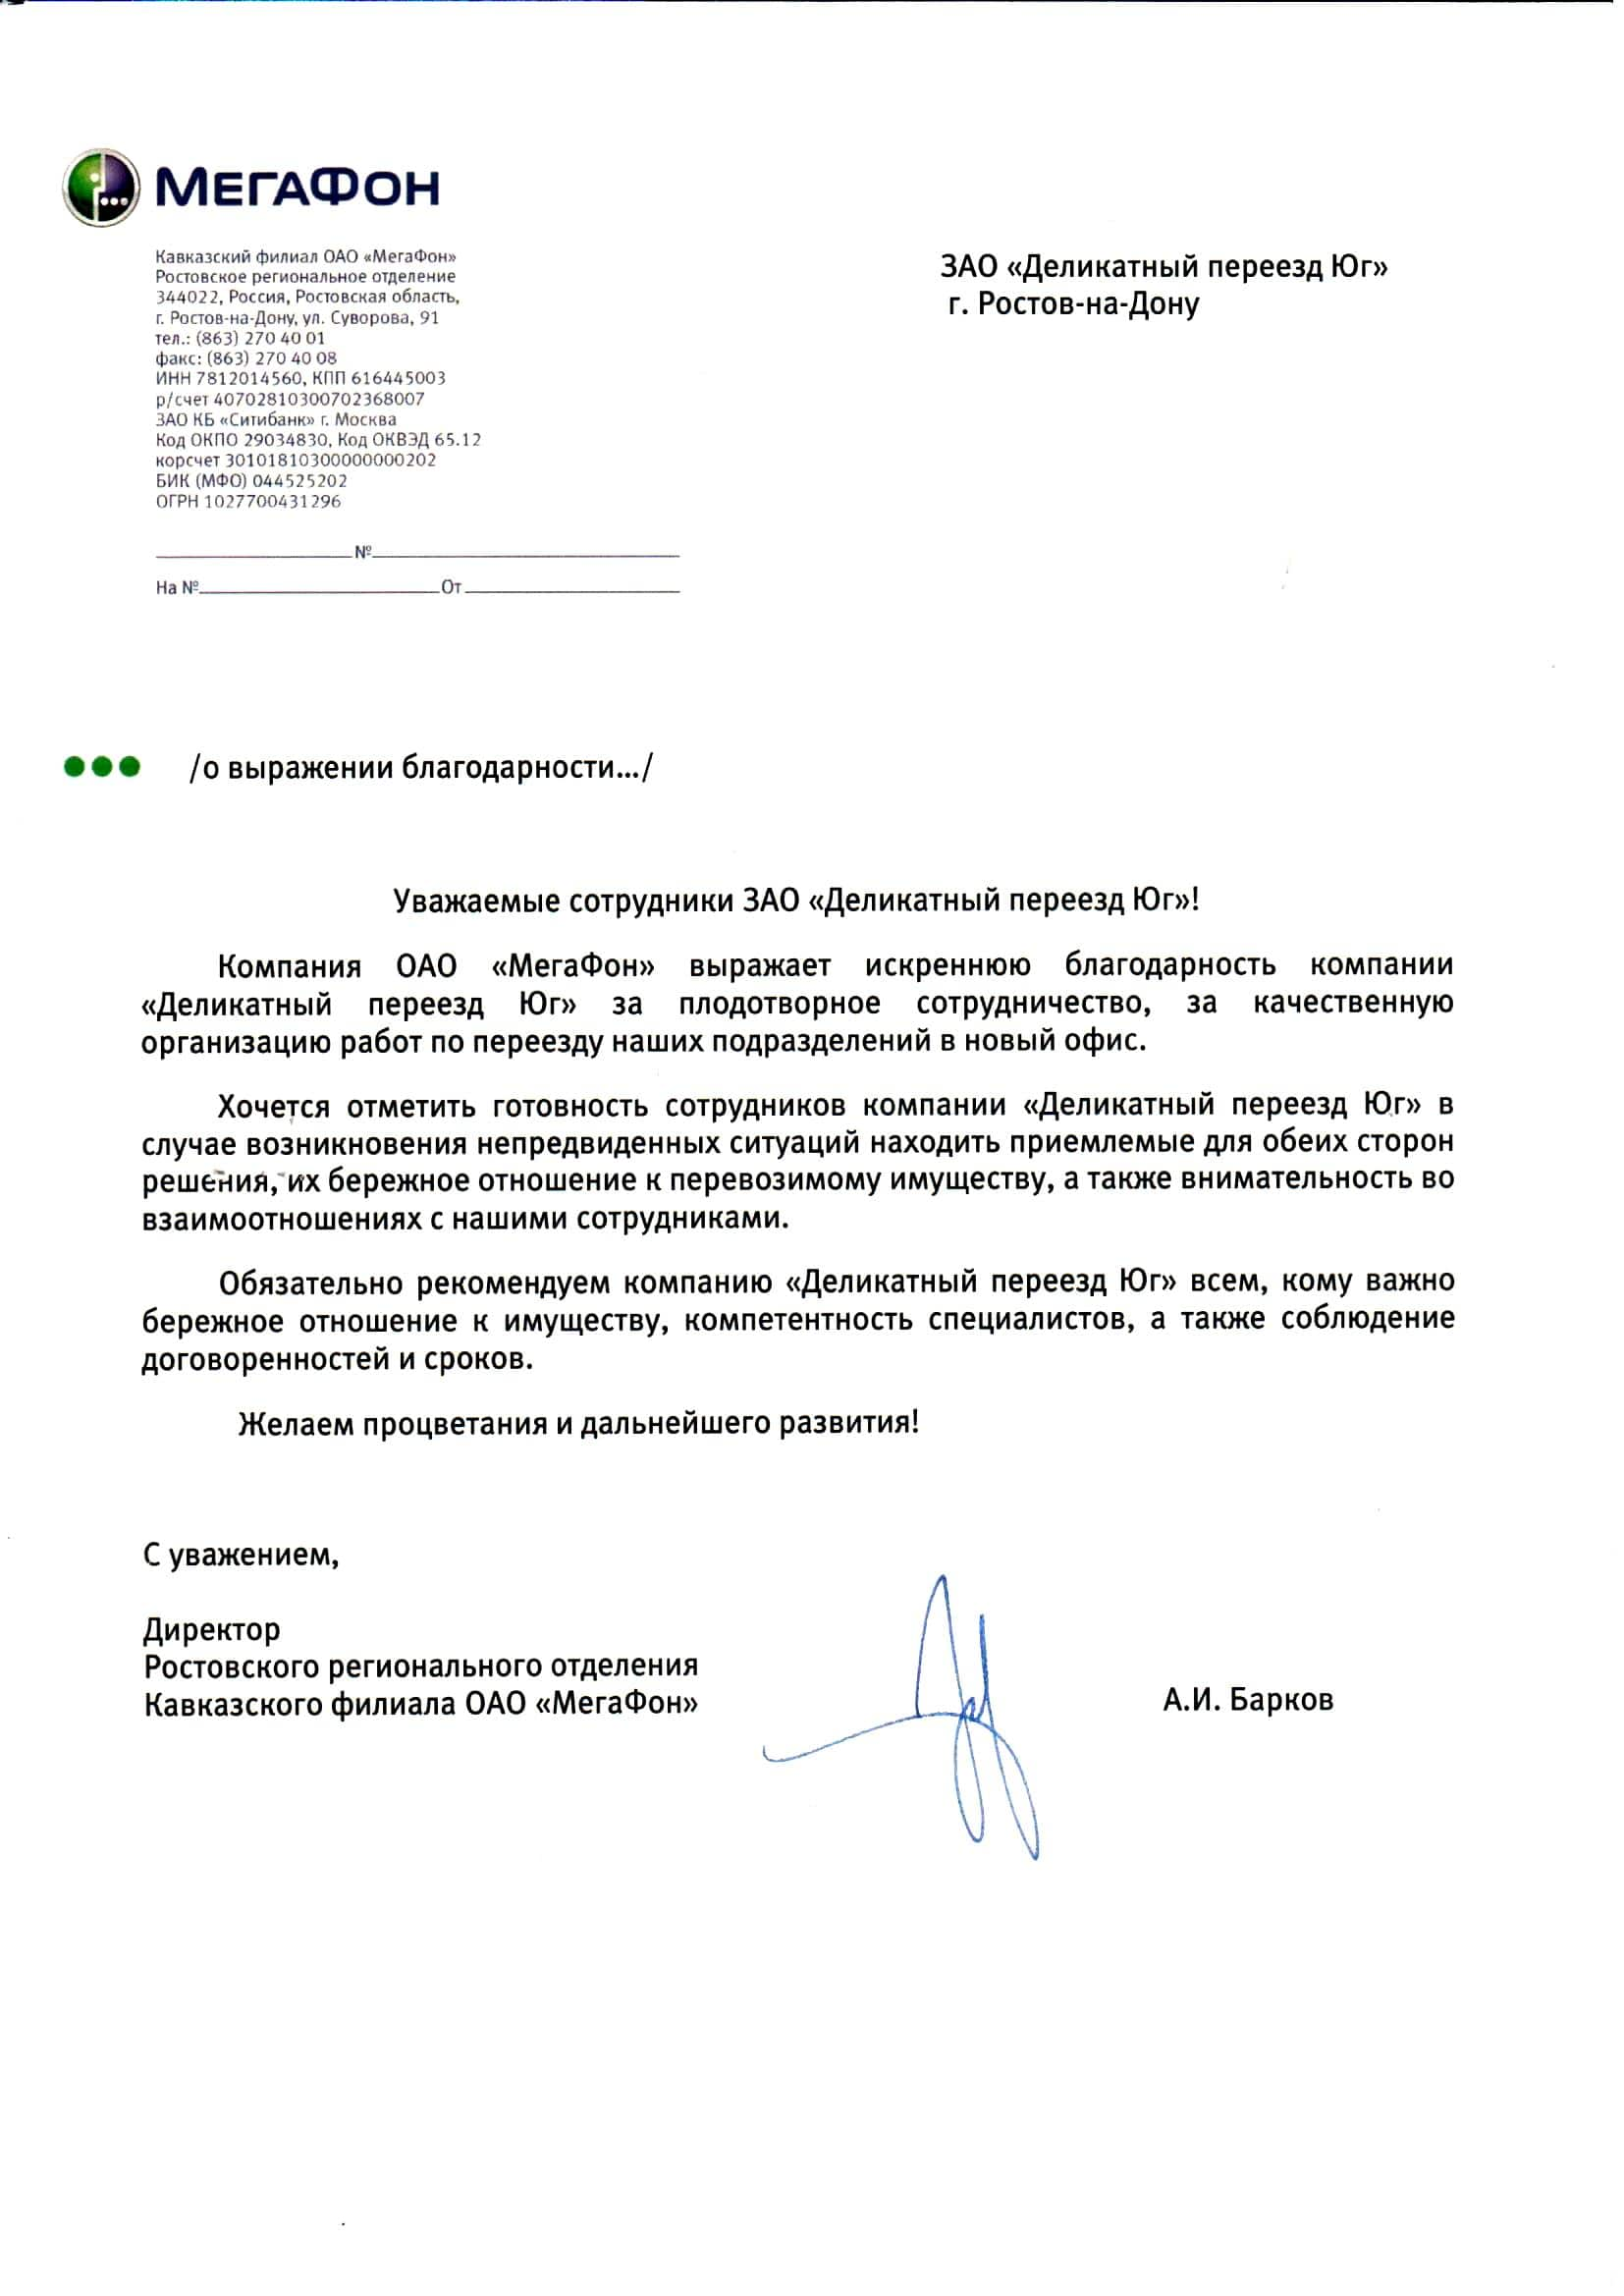 Благодарственное письмо от ОАО «МегаФон»